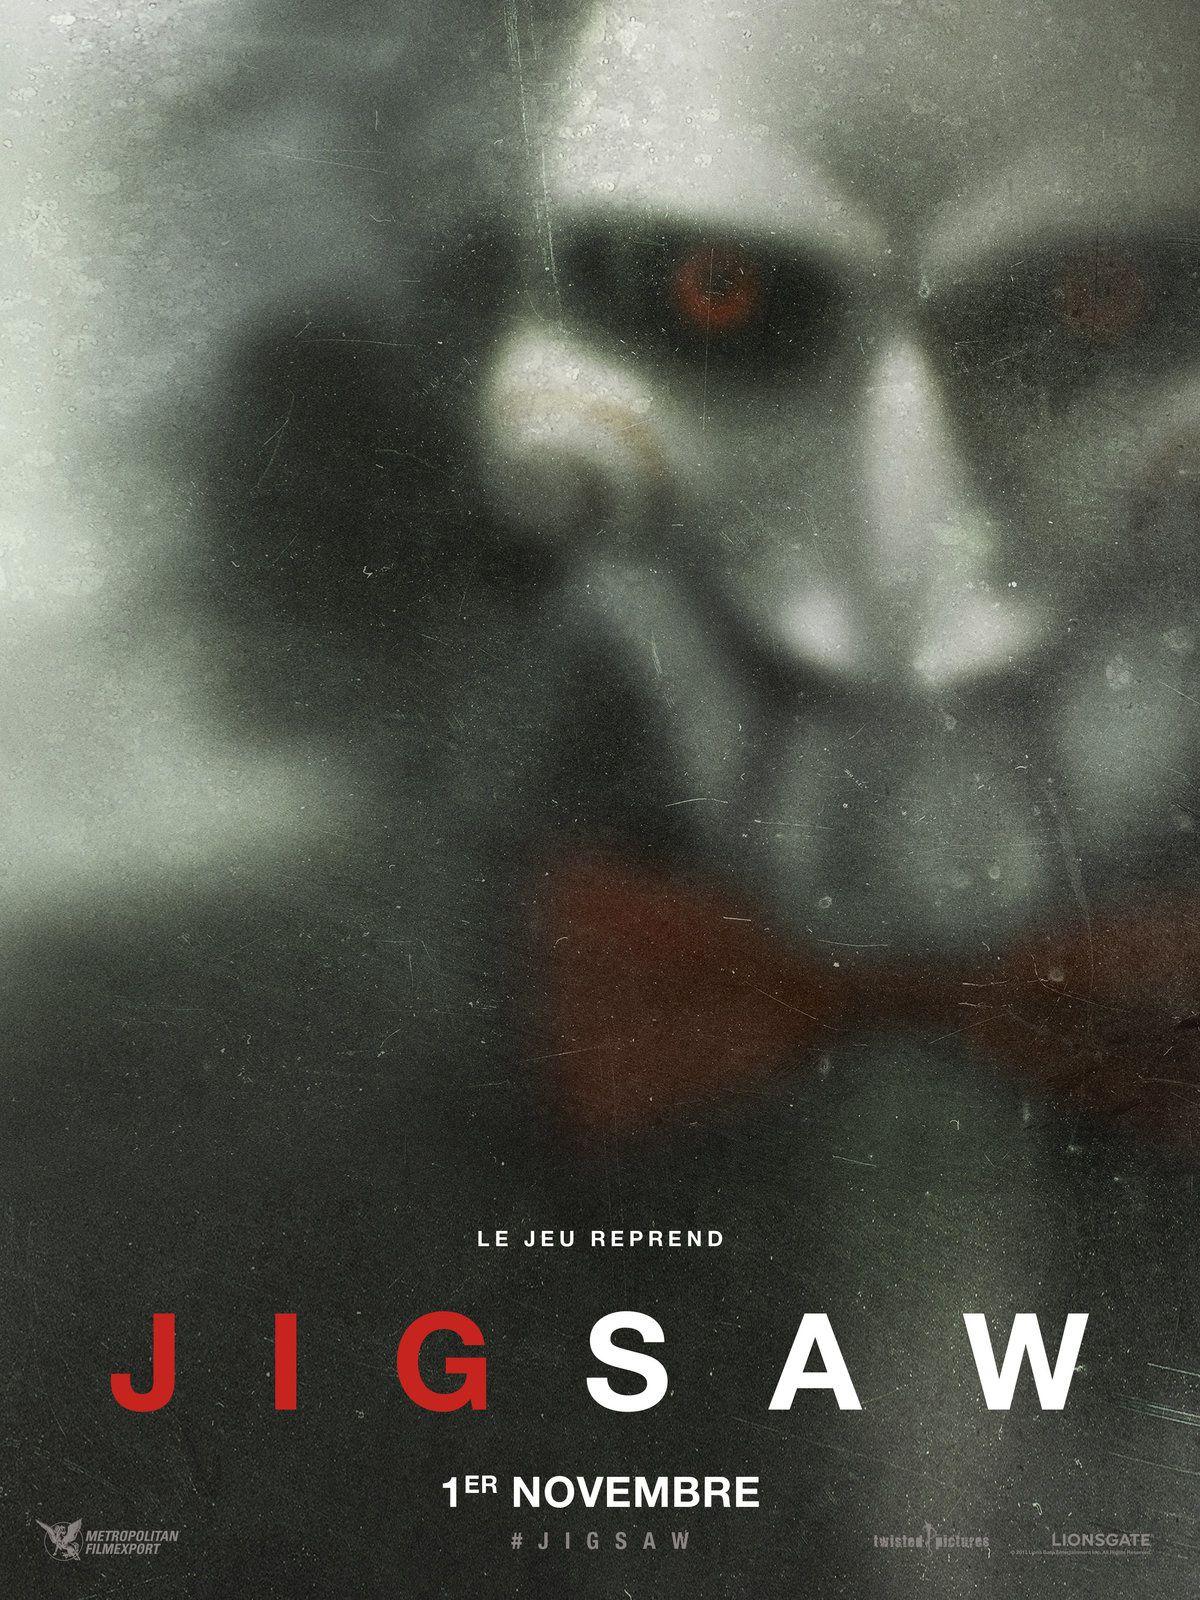 JIGSAW : découvrez la bande-annonce ! Le 1er novembre 2017 au cinéma